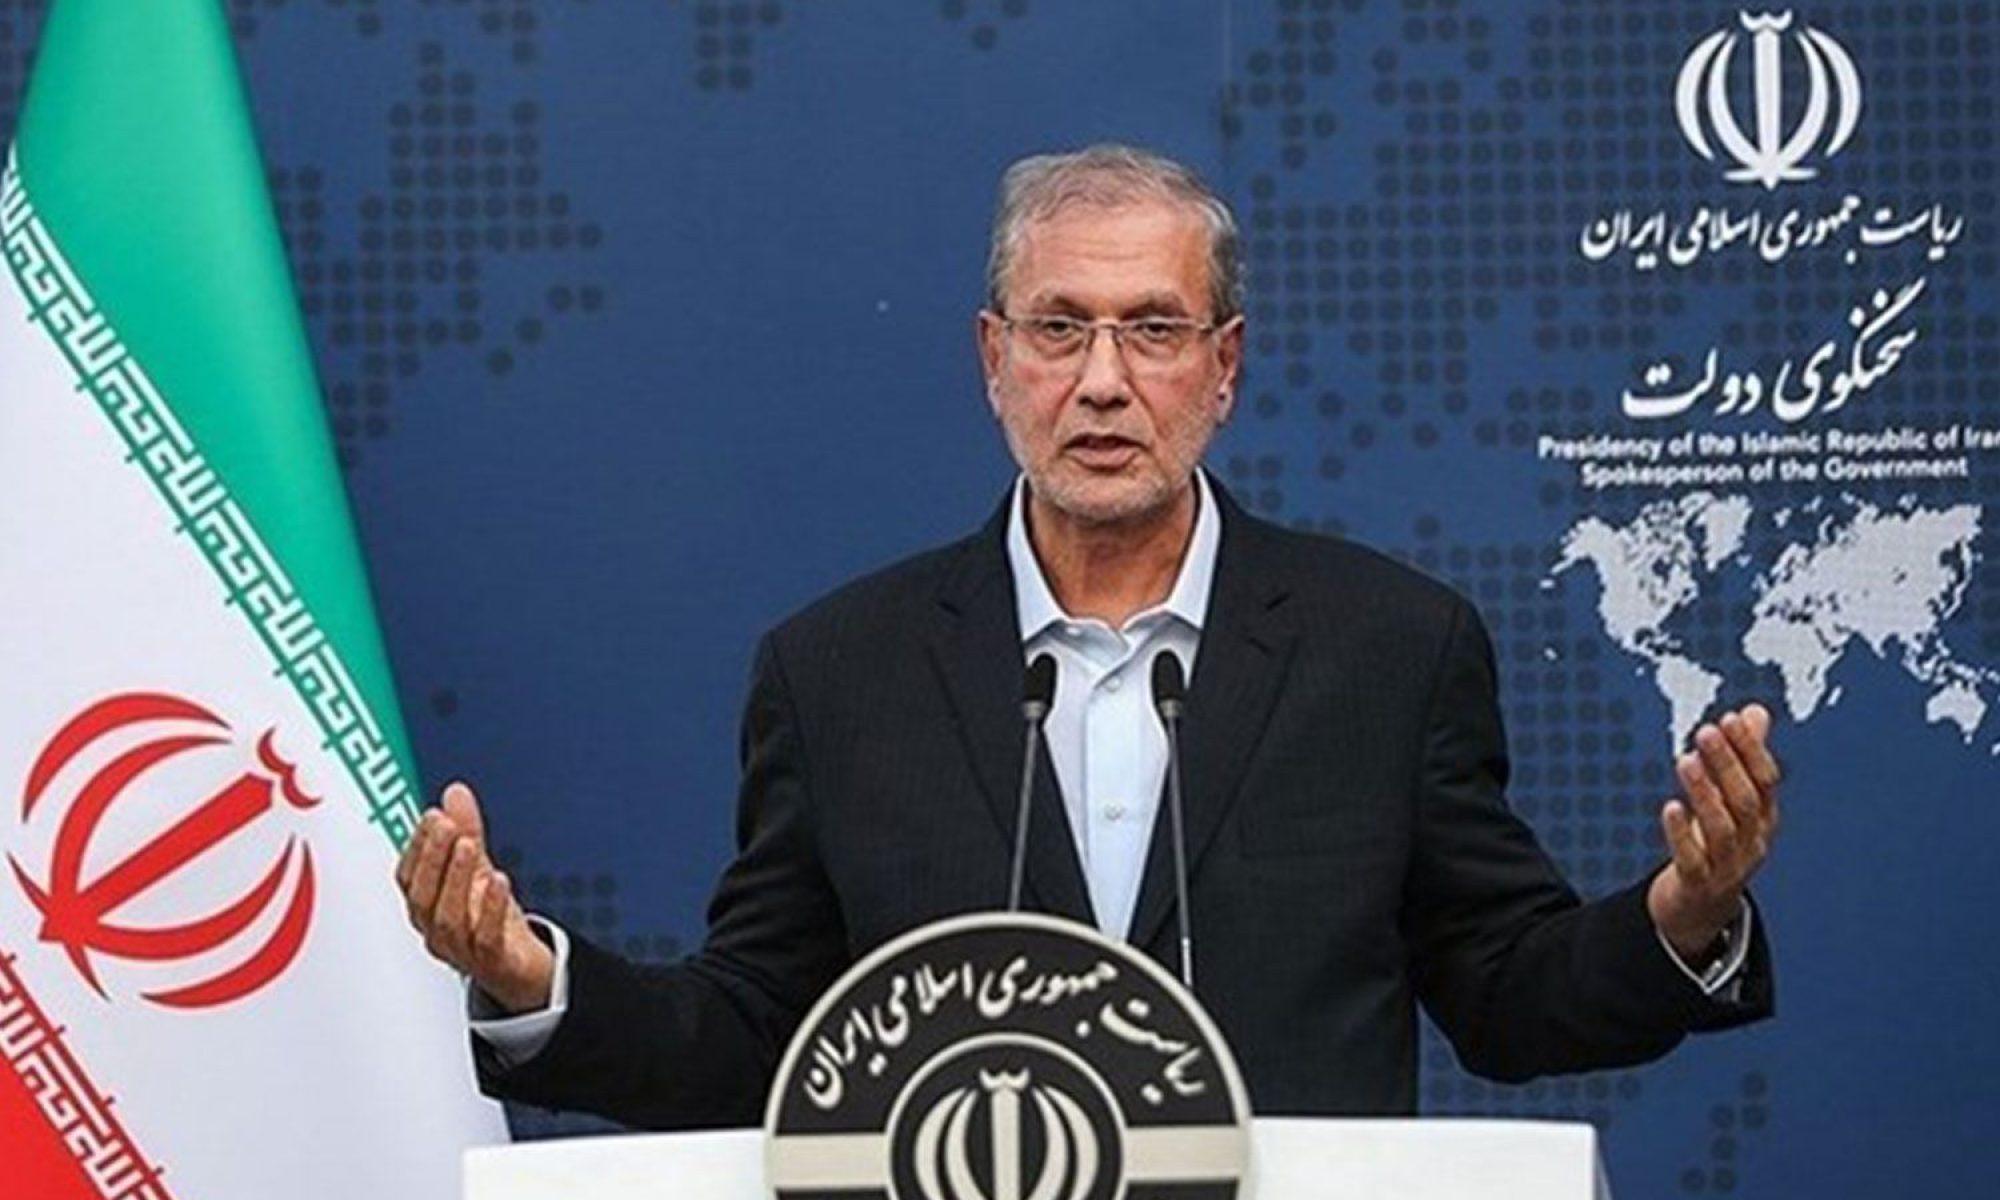 İran hükümet sözcüsü: Trump karektersiz, ABD yaptırımları bizi daha yaratıcı hale getirdi